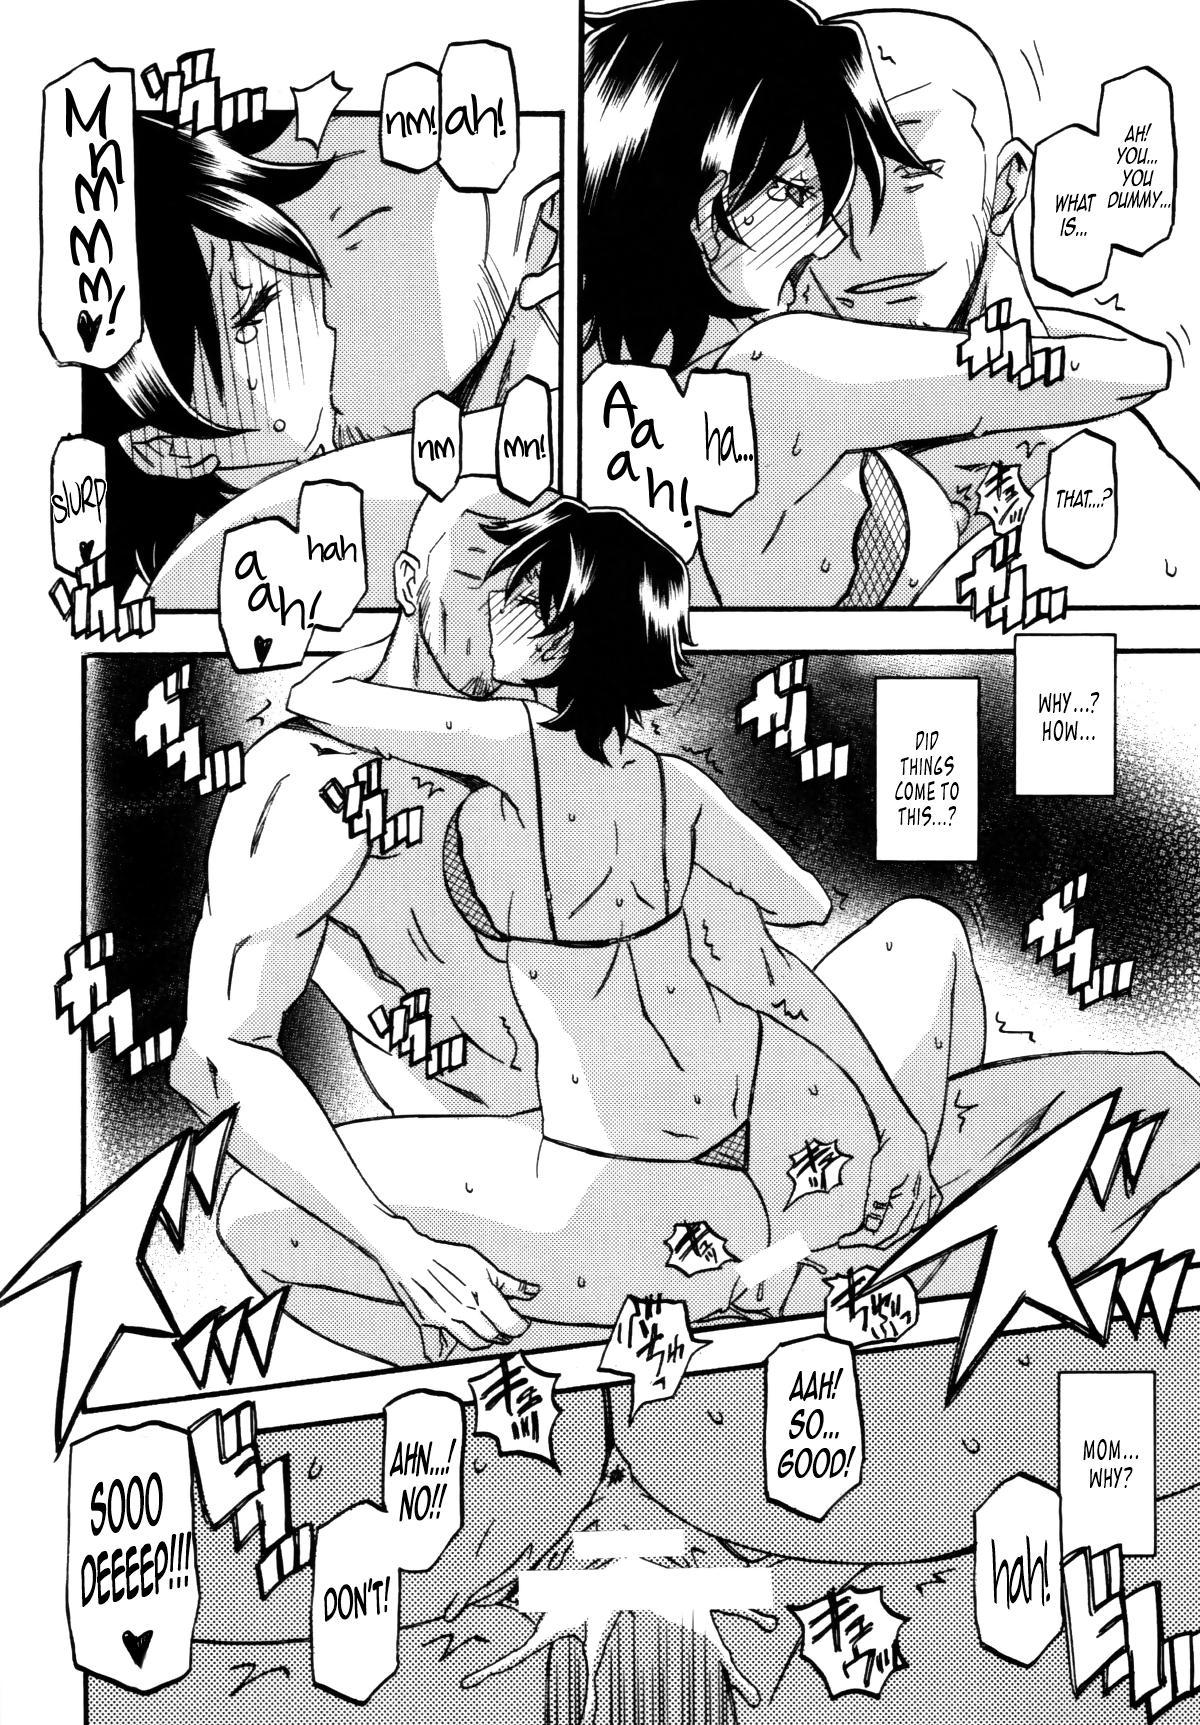 Akebi no Mi - Yuuko 16